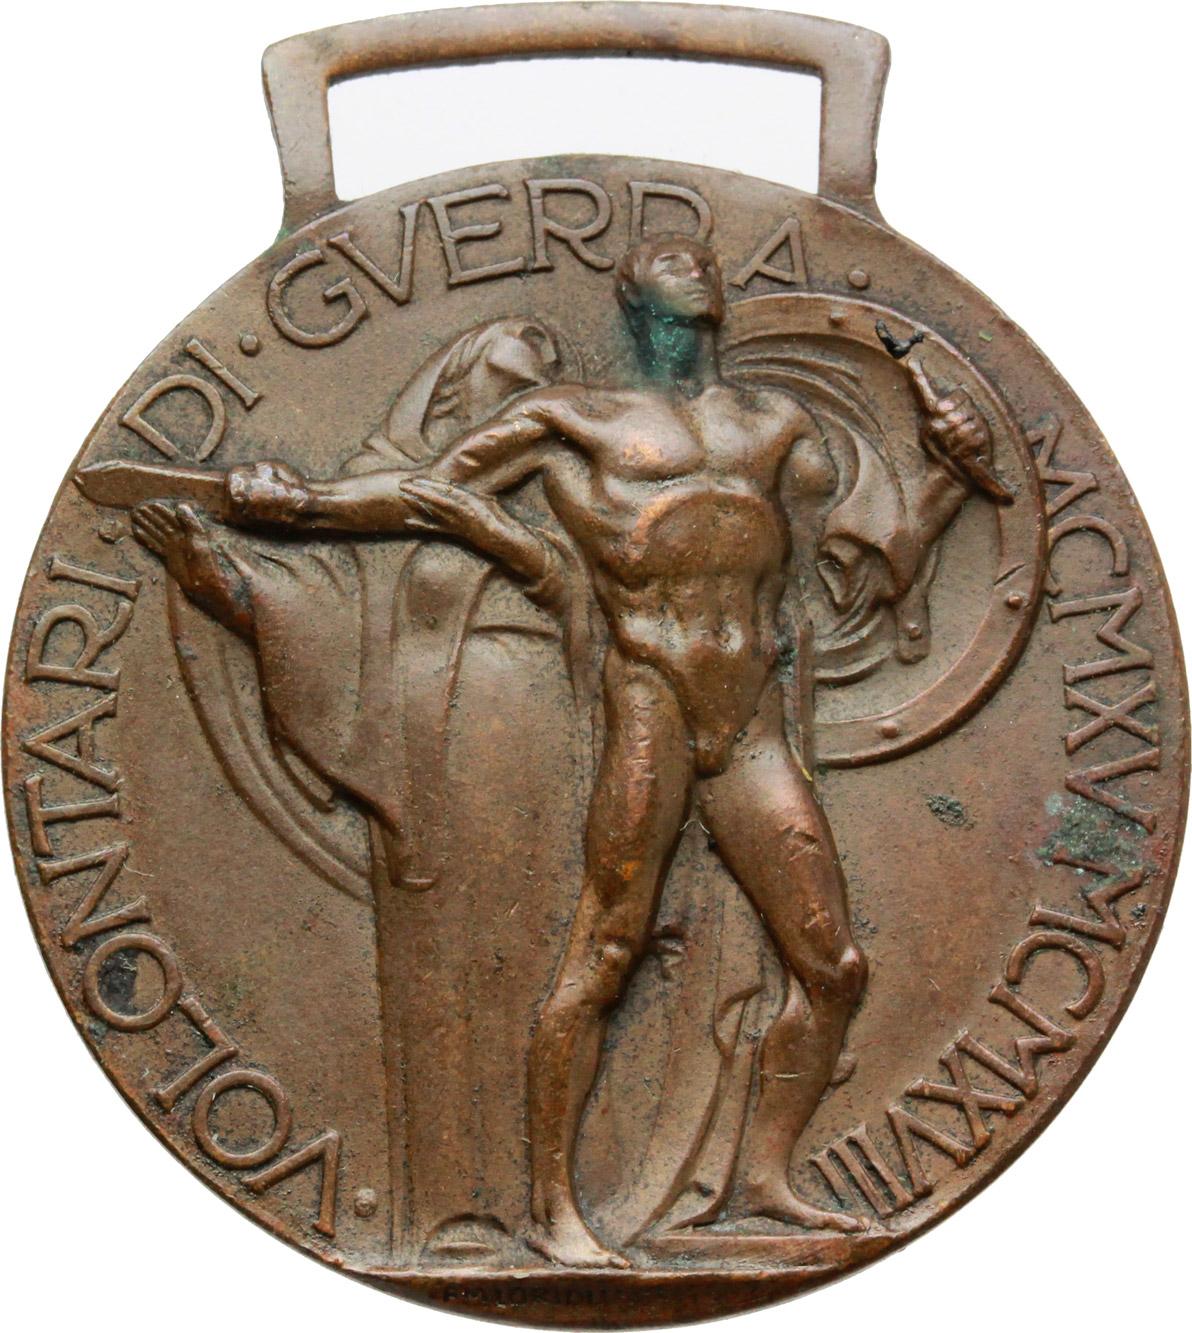 R/  Distintivo d'onore  per  gli ex irredenti italiani volontari della guerra MCMXV-MCMXVIII.    Brambilla p. 866. AE.   mm. 32.00 Inc. Morbiducci.  Ossidazioni. Bel BB.